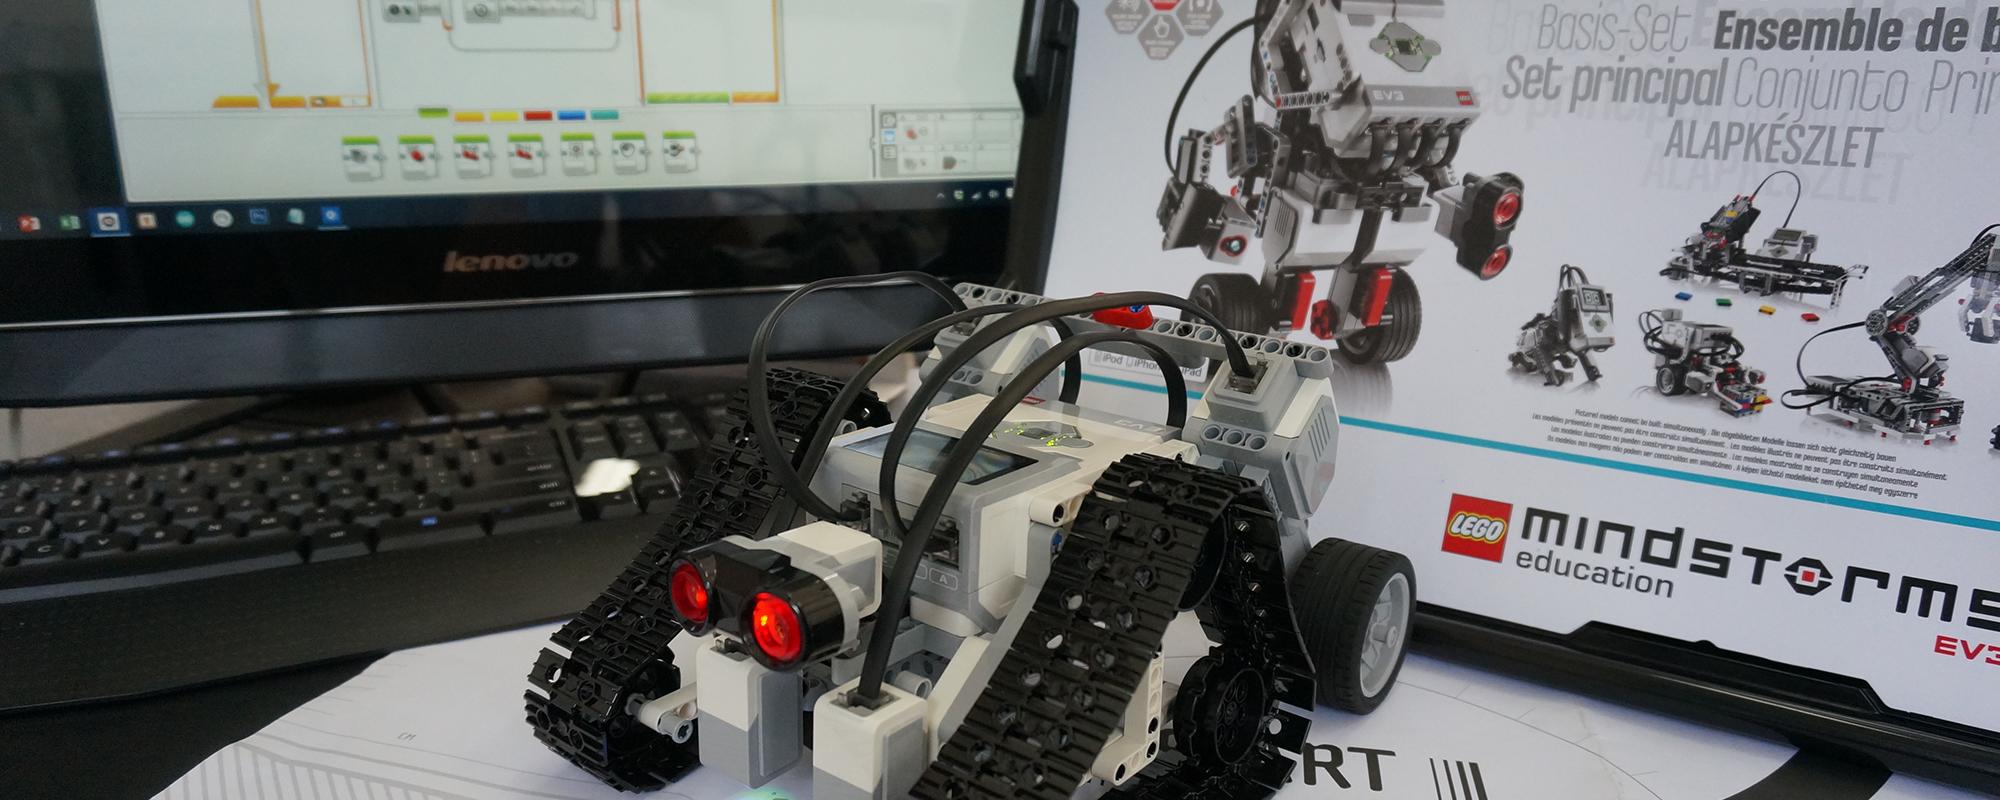 LEGO ev3 уроки